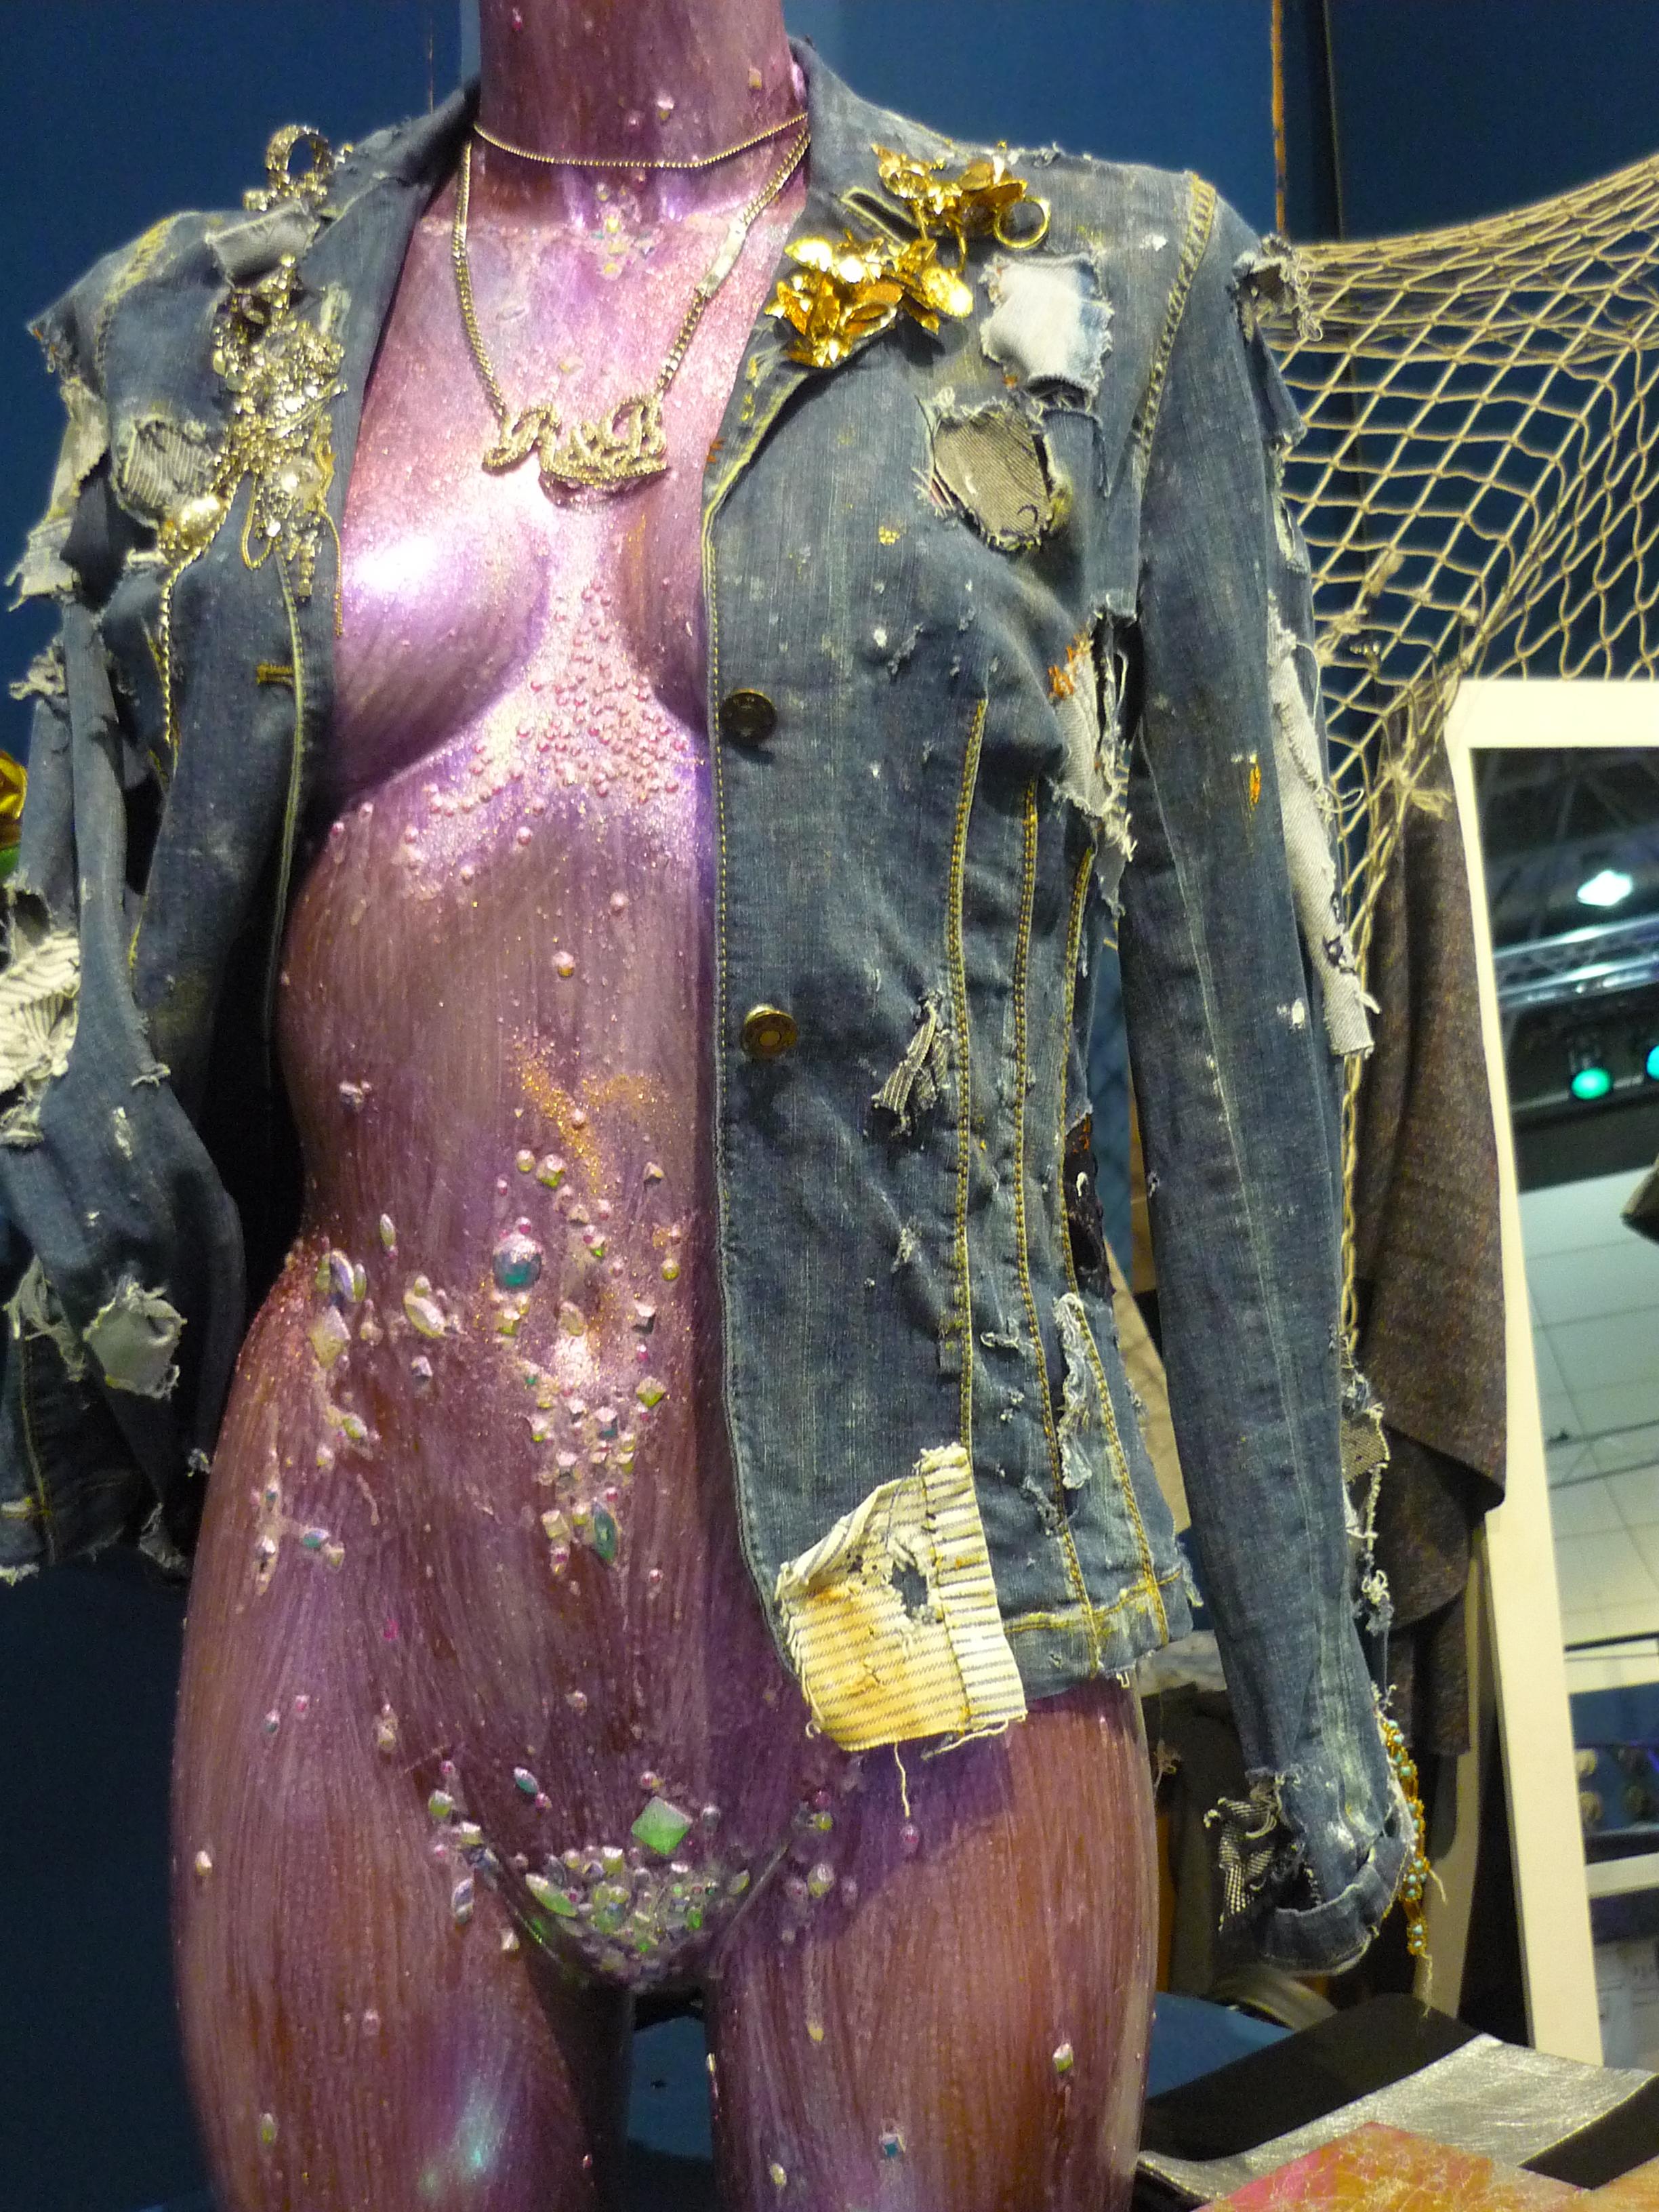 Wahnsinns Jeansjacke besetzt mit vielen goldenen und glitzernden Elementen